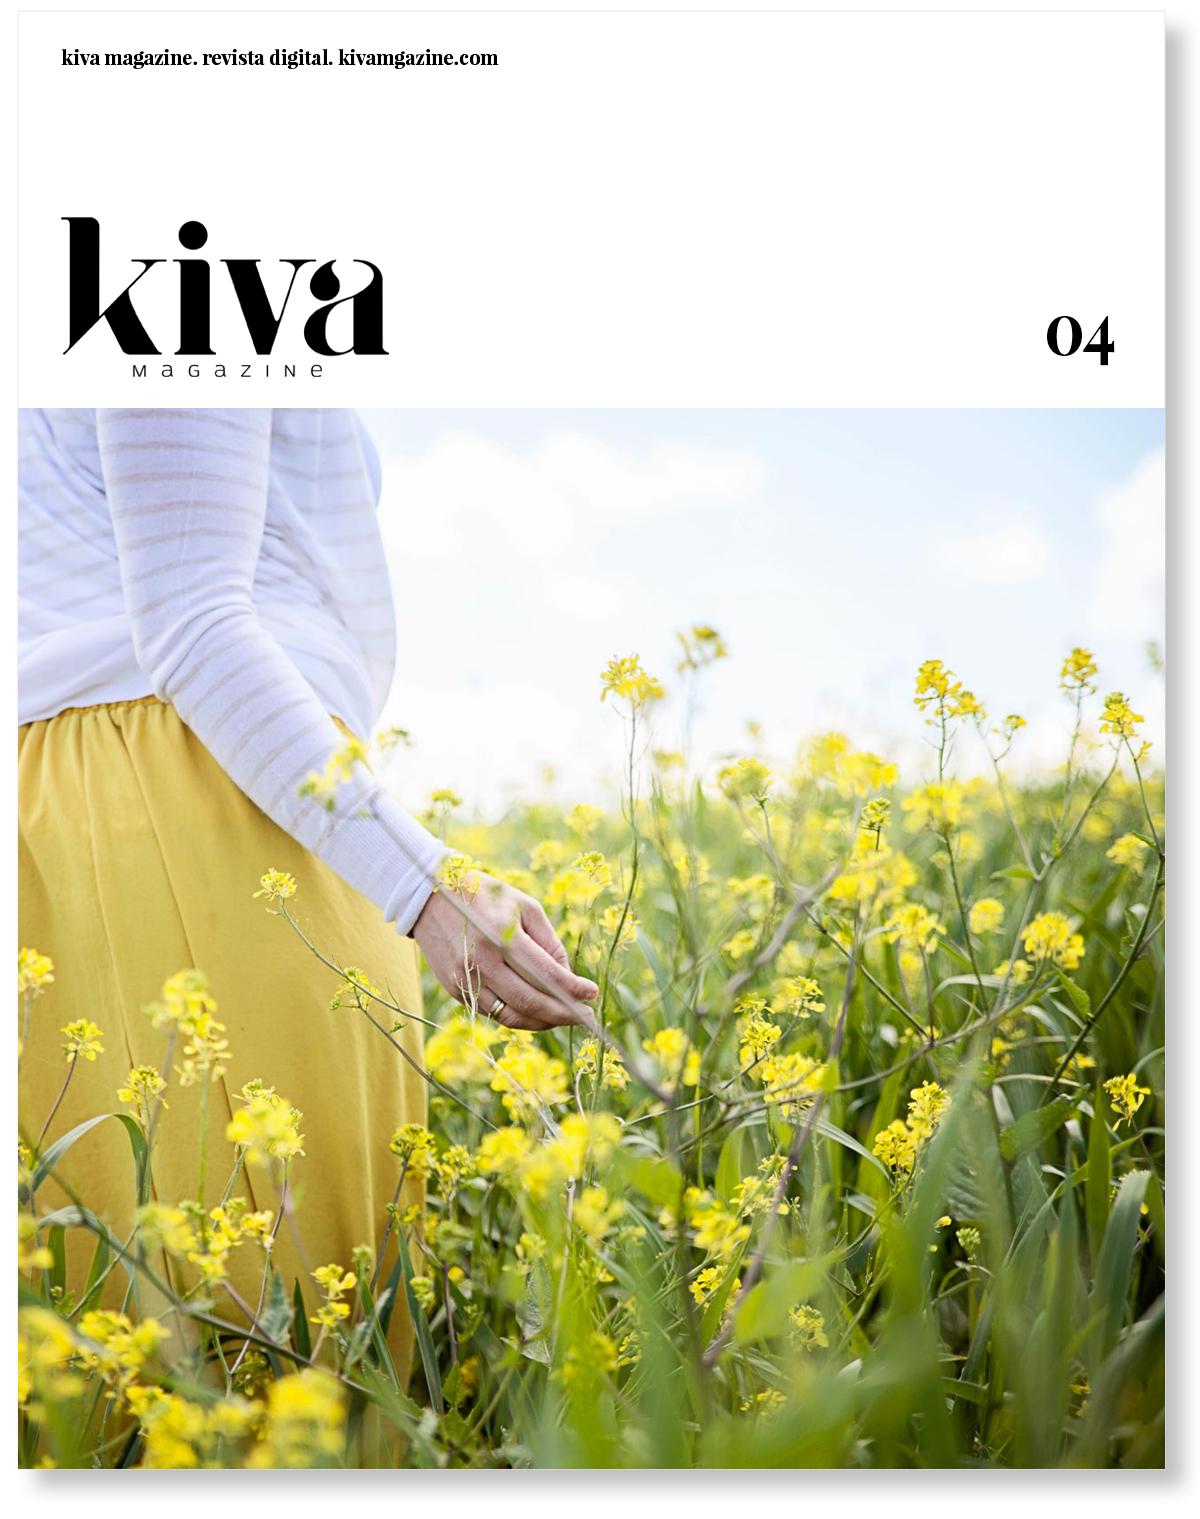 Cuarto número Kiva magazine, portada